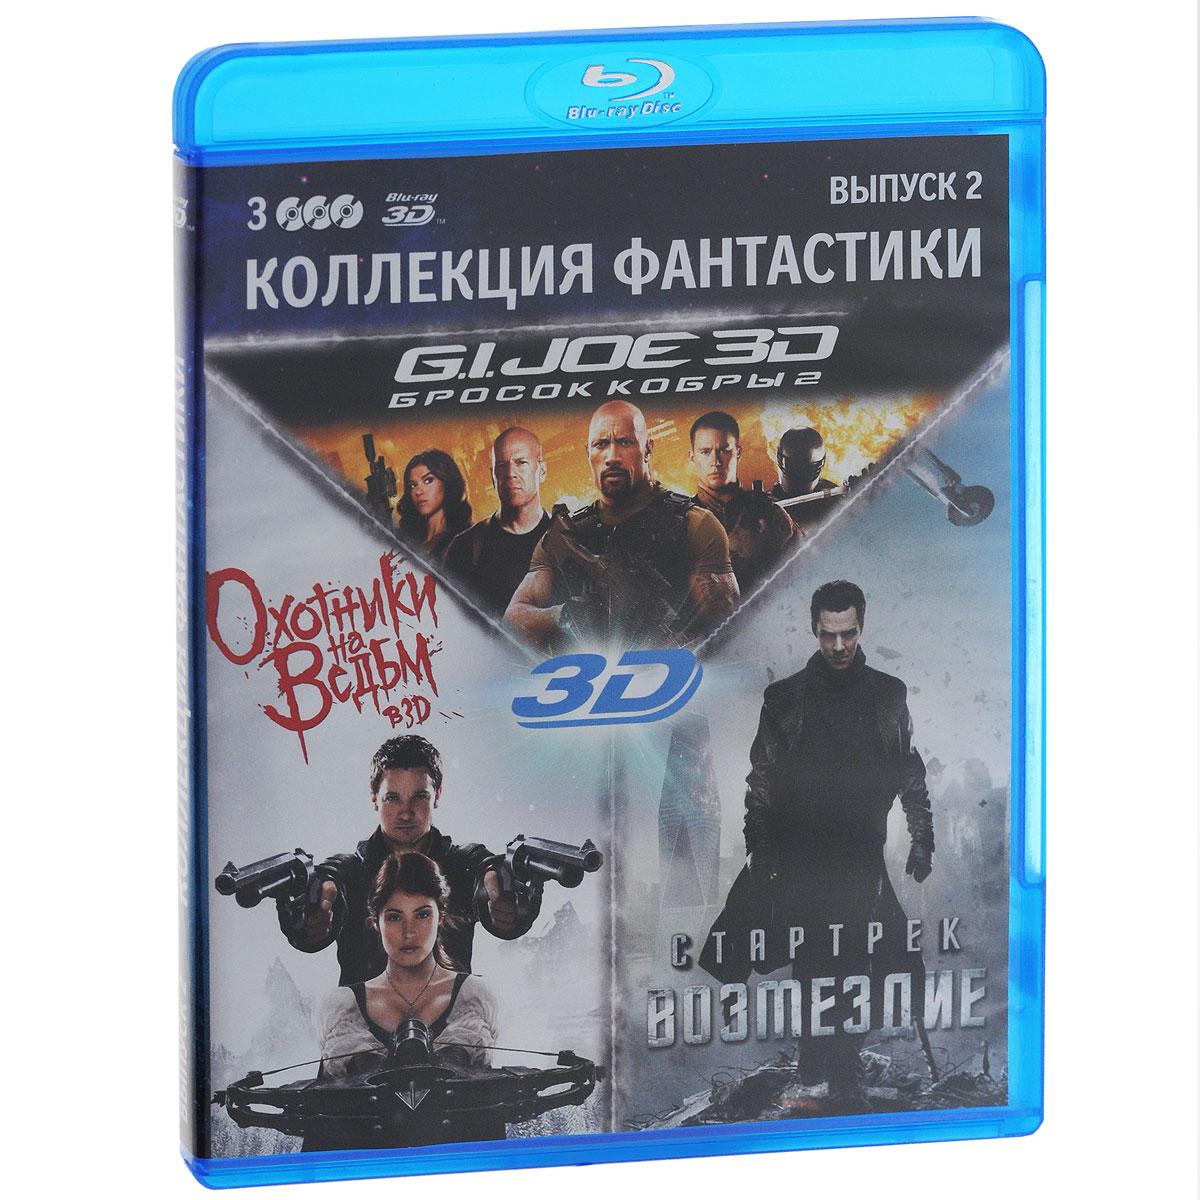 G.I. Joe: Бросок кобры 2 / Охотники на ведьм / Стартрек: Возмездие (3 Blu-ray) стартрек бесконечность blu ray 3d 2d